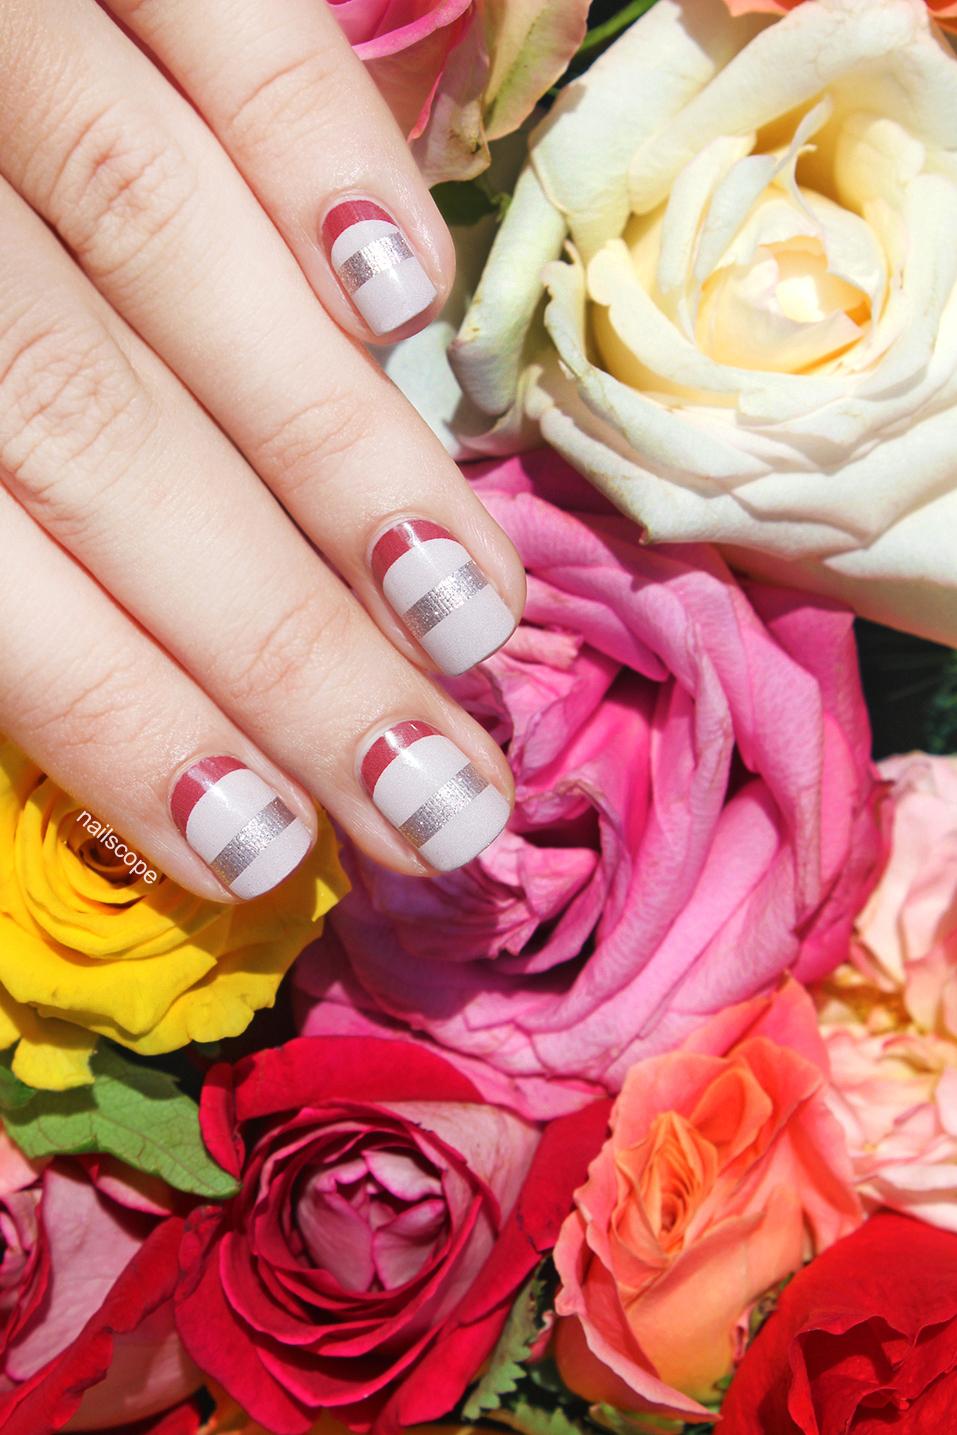 SoNailicious x Jamberry nail wraps: Suave French Twist